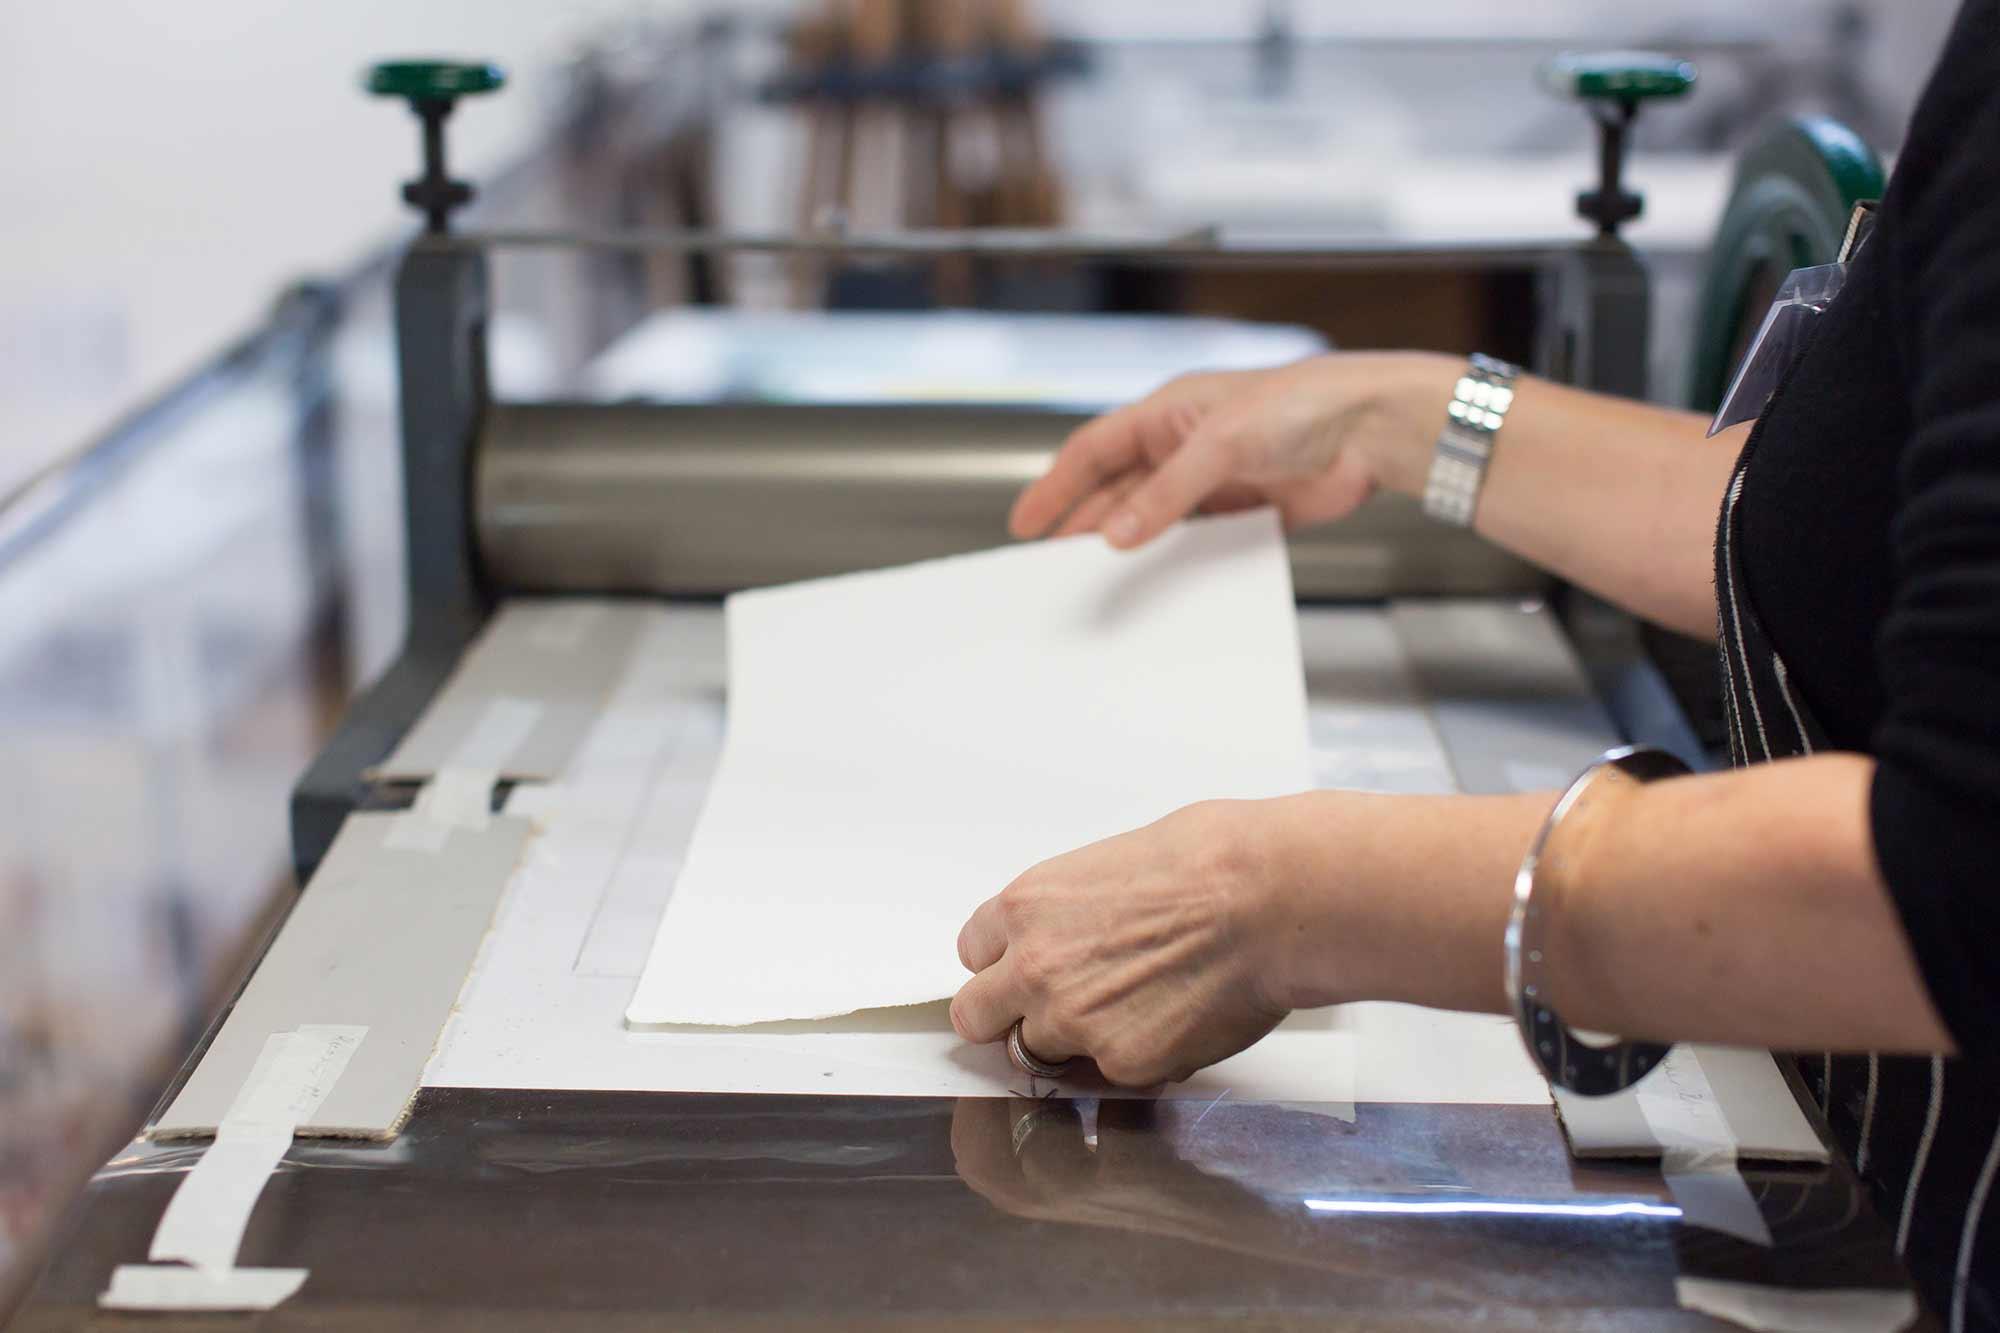 Print Making Workshop at The Art Room, Melbourne